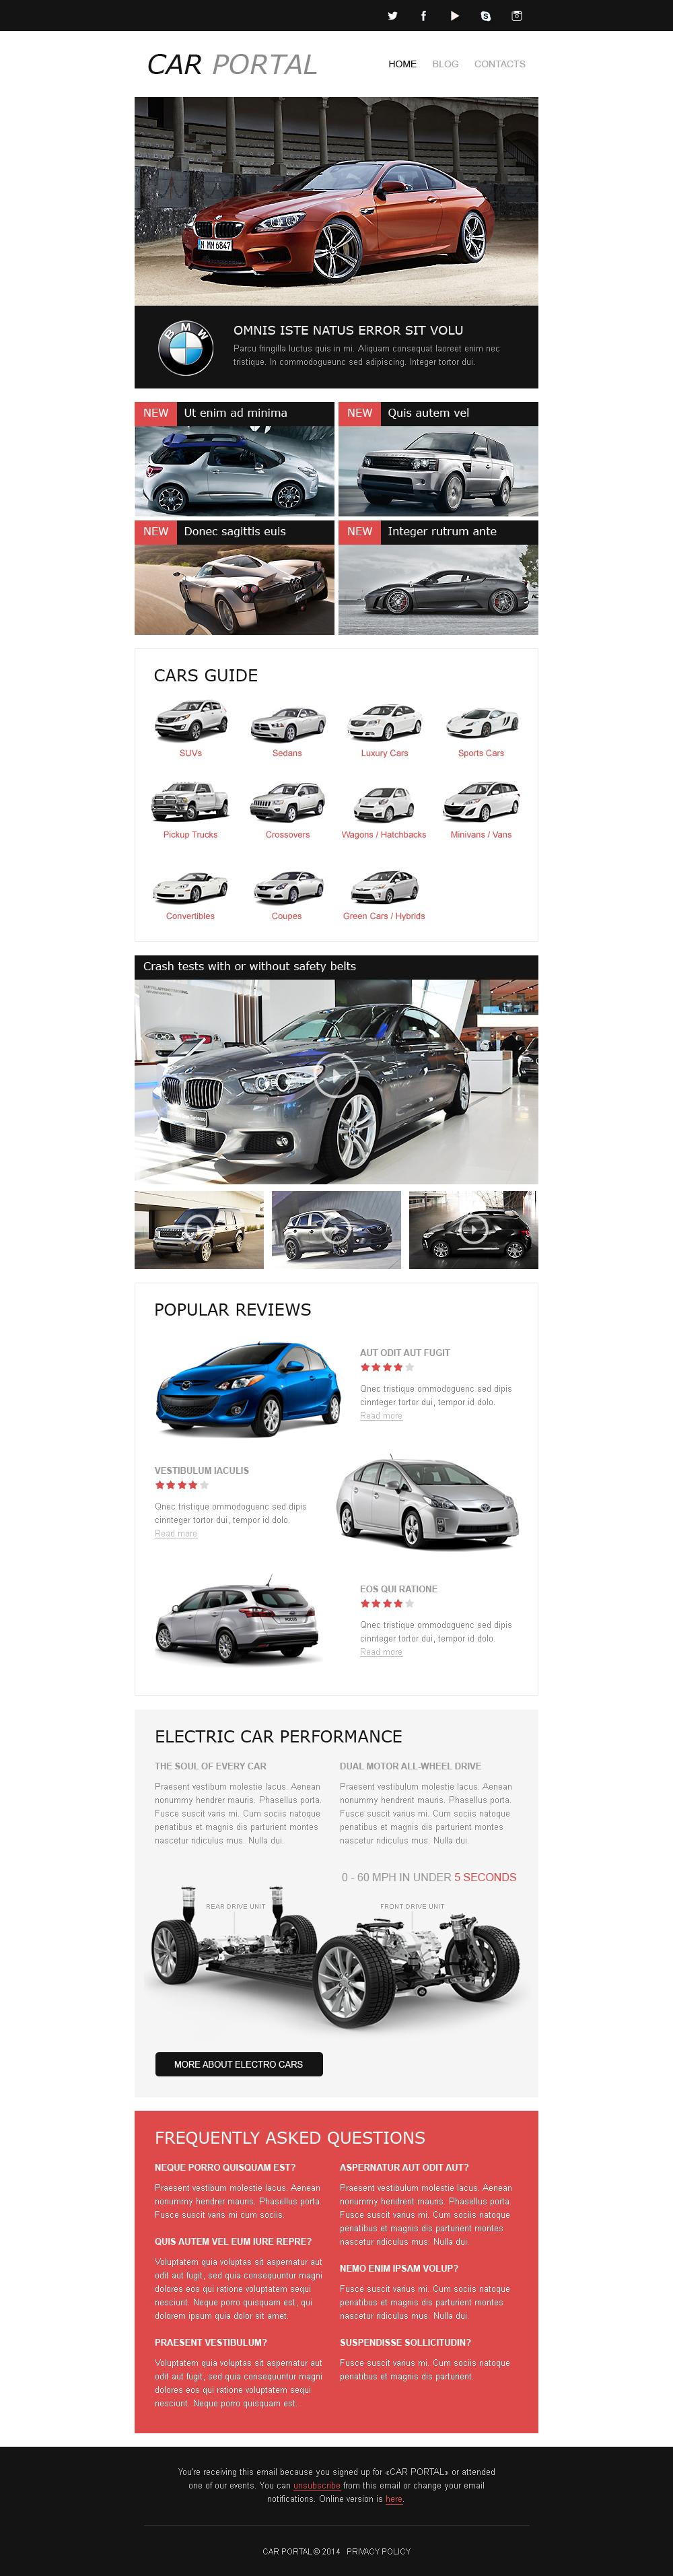 Plantilla De Boletín De Noticias Responsive para Sitio de Clubes de coches #50679